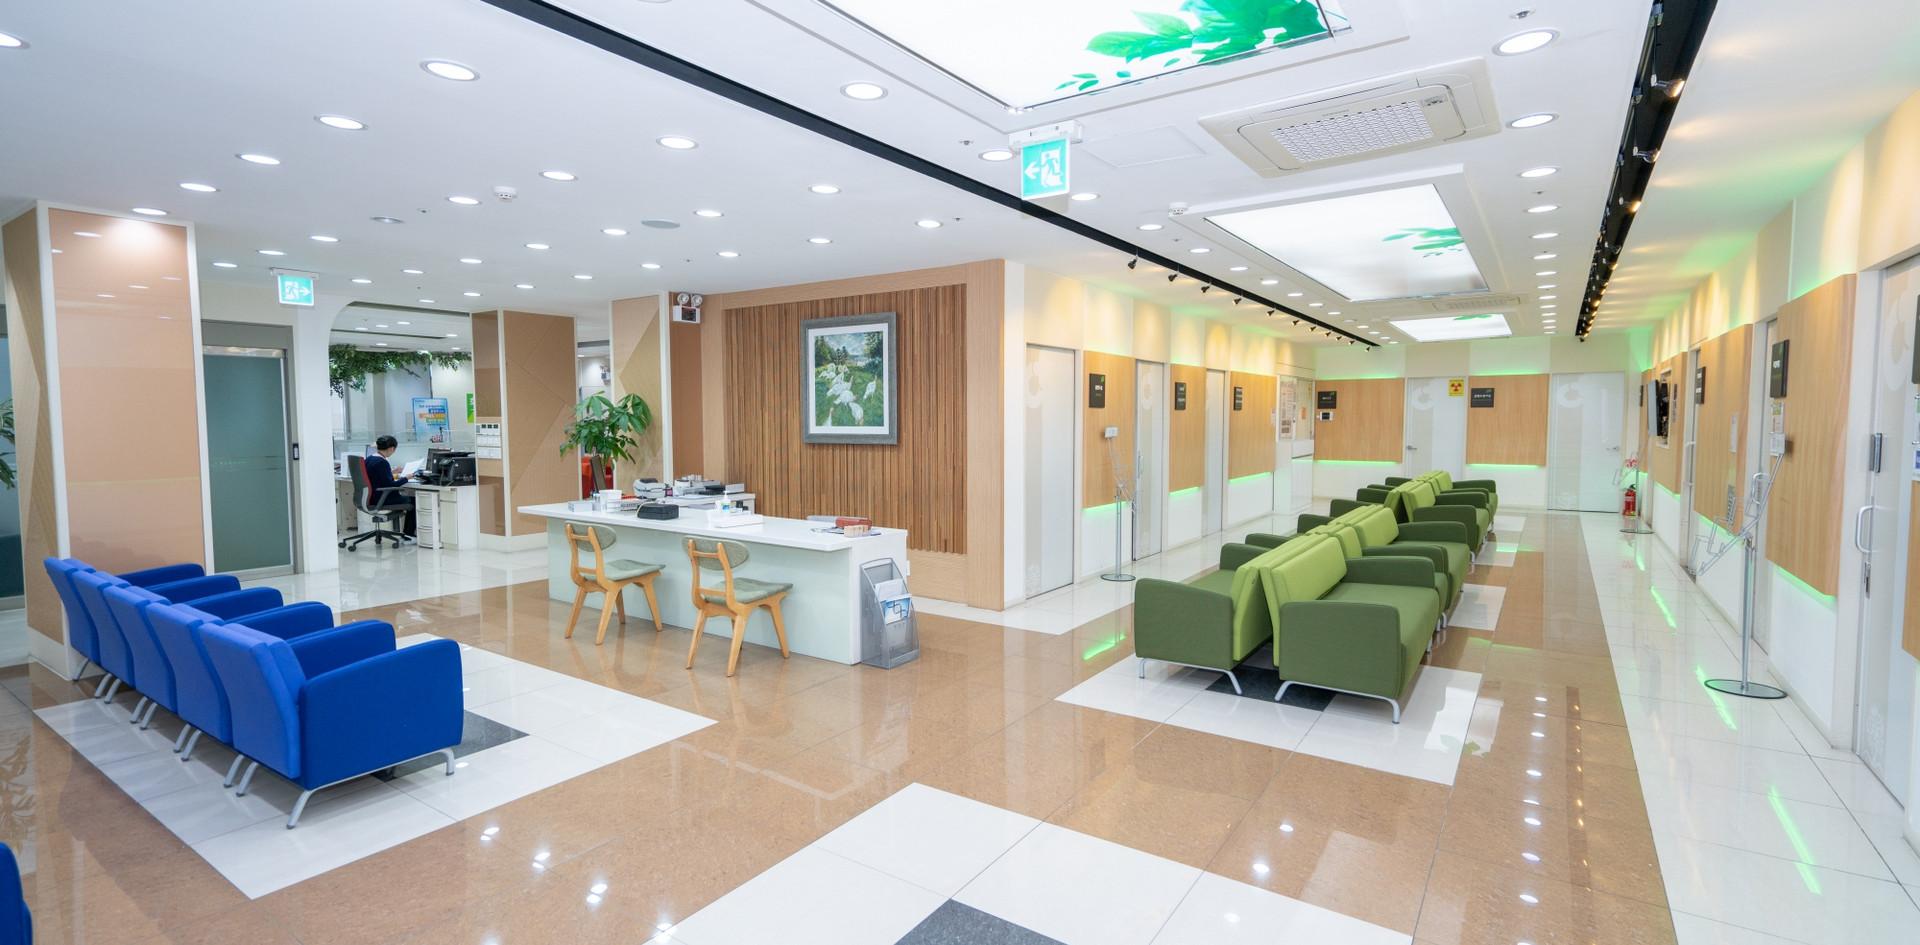 2층 건강증진센터